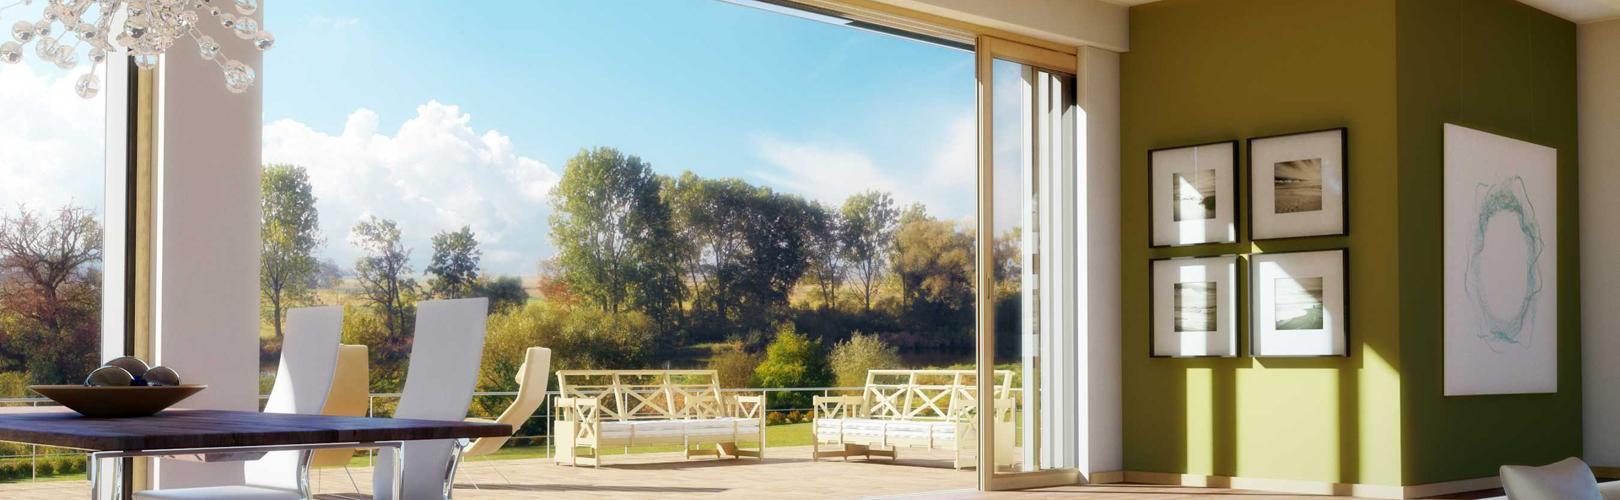 Зеленые технологии для вашего дома и офиса